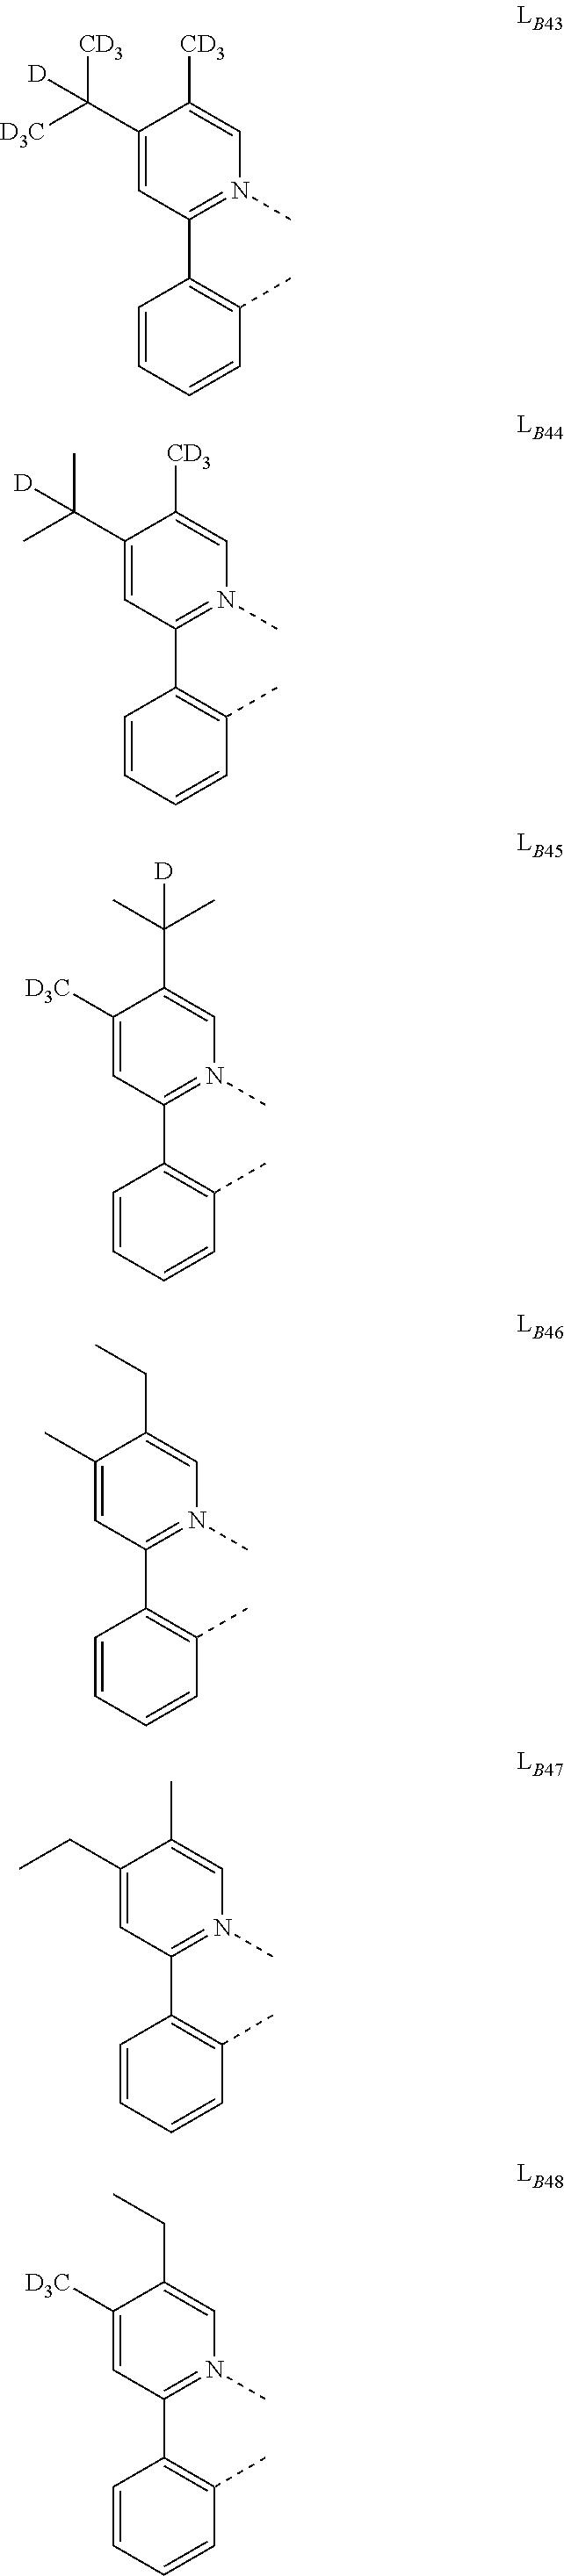 Figure US20180130962A1-20180510-C00074